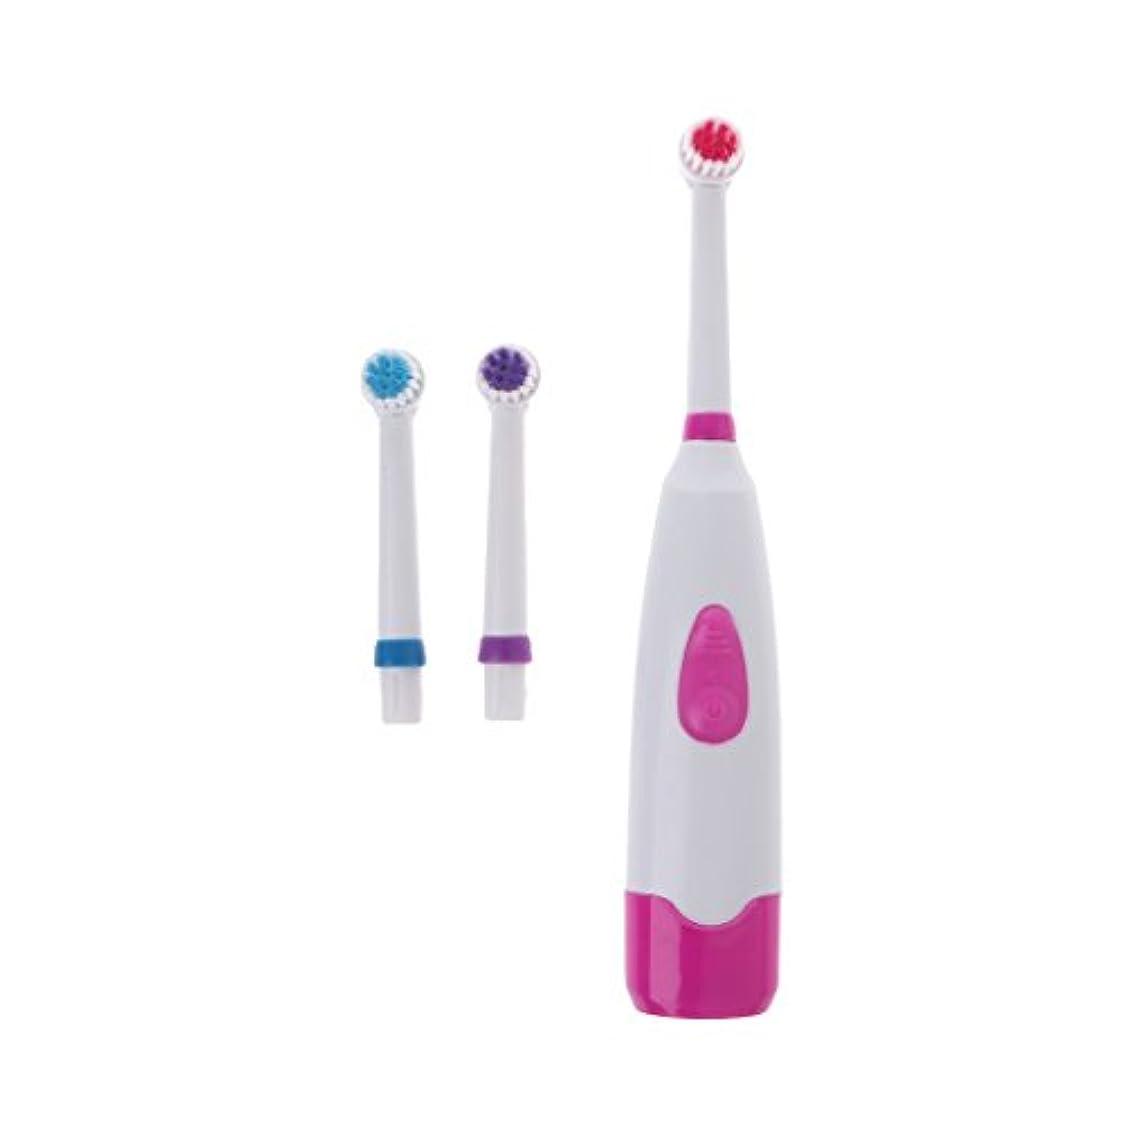 粉砕する勇気のあるレンズManyao 3ブラシヘッドで防水回転電動歯ブラシ (ピンク)